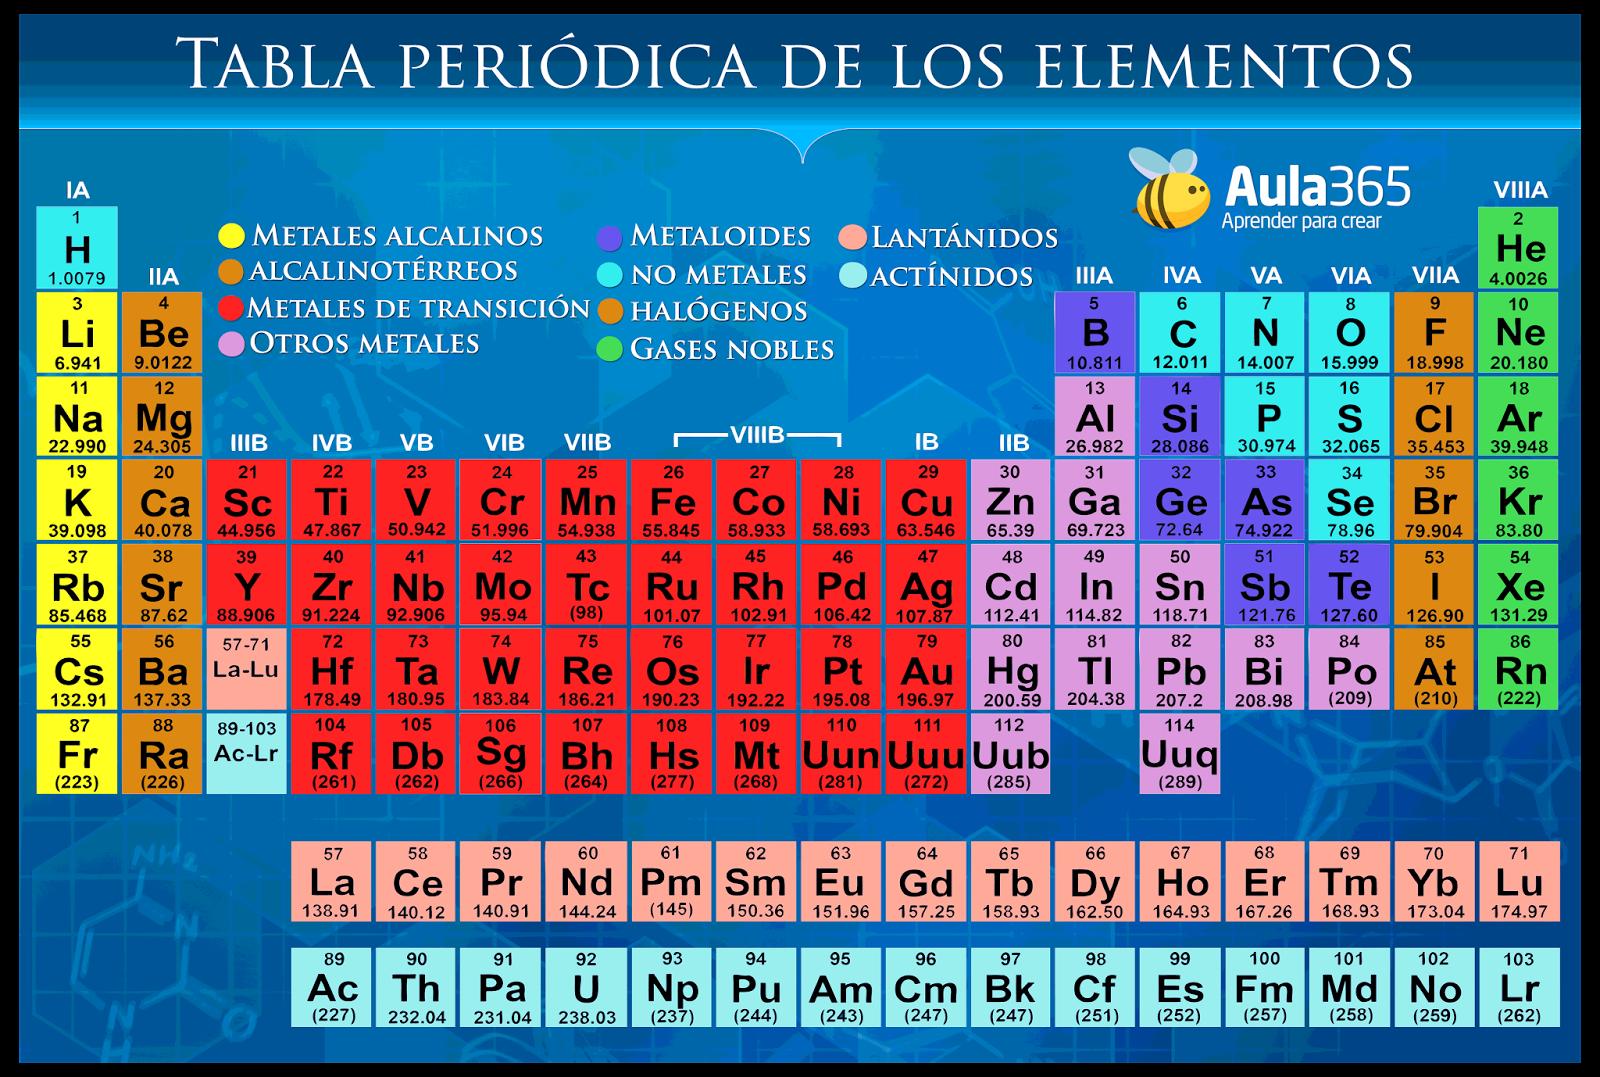 La qumica tabla peridica la tabla periodica nos ayuda a predecir diversas cantidades de propiedades sobre los elementos nos aporta gran cantidad de informacion dado que surge de urtaz Choice Image